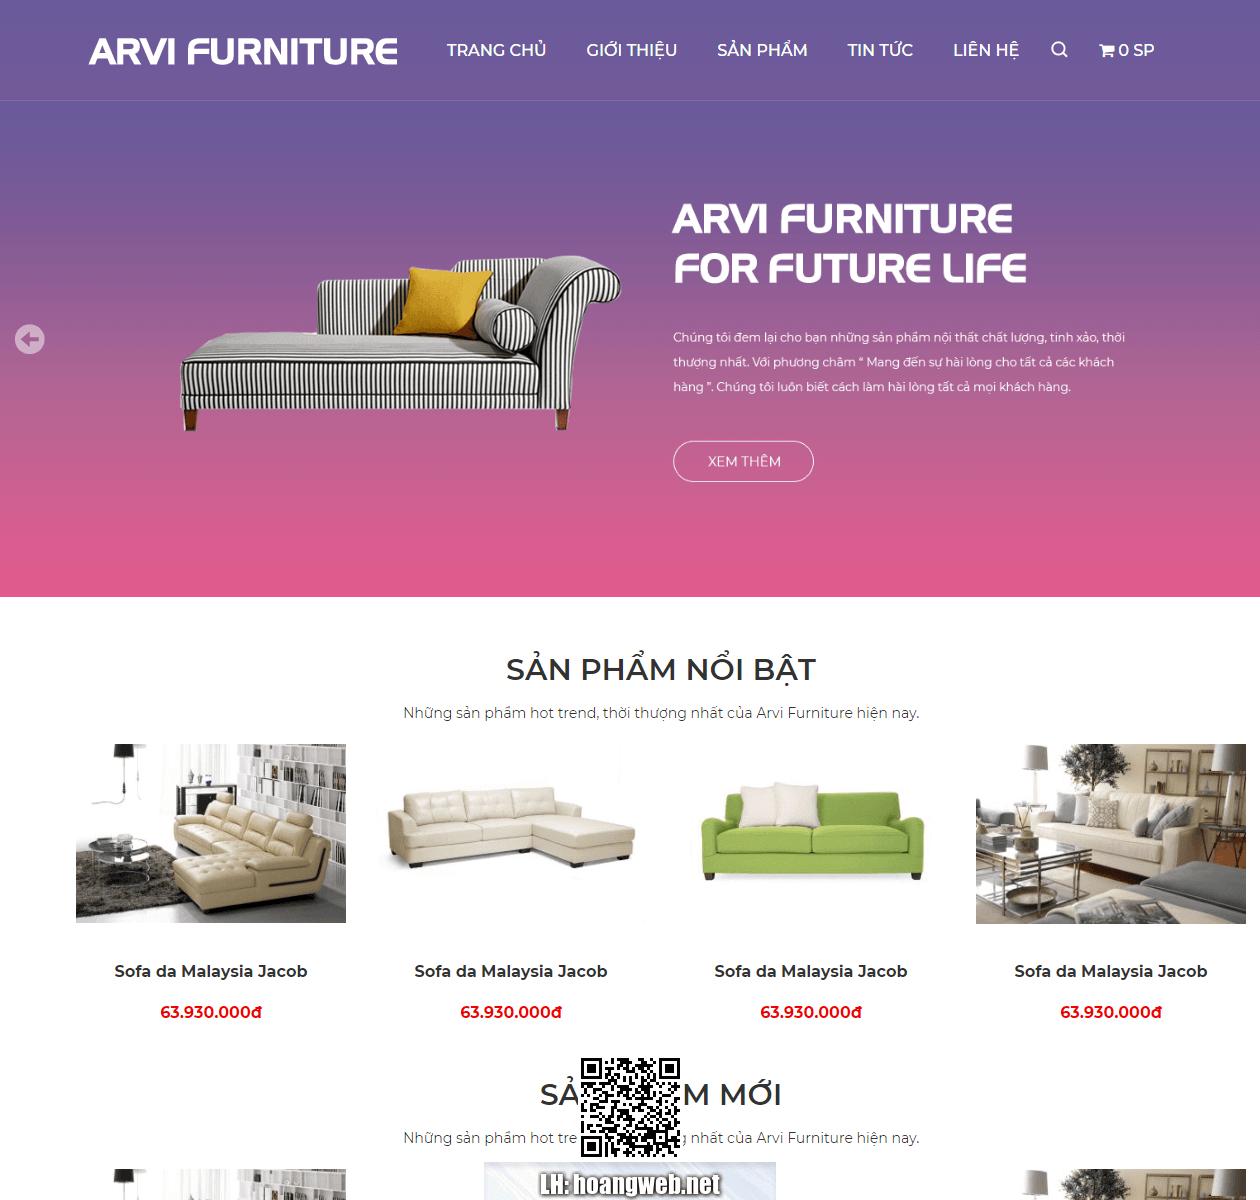 Mẫu web nội thất ARV Furniture thumbnail